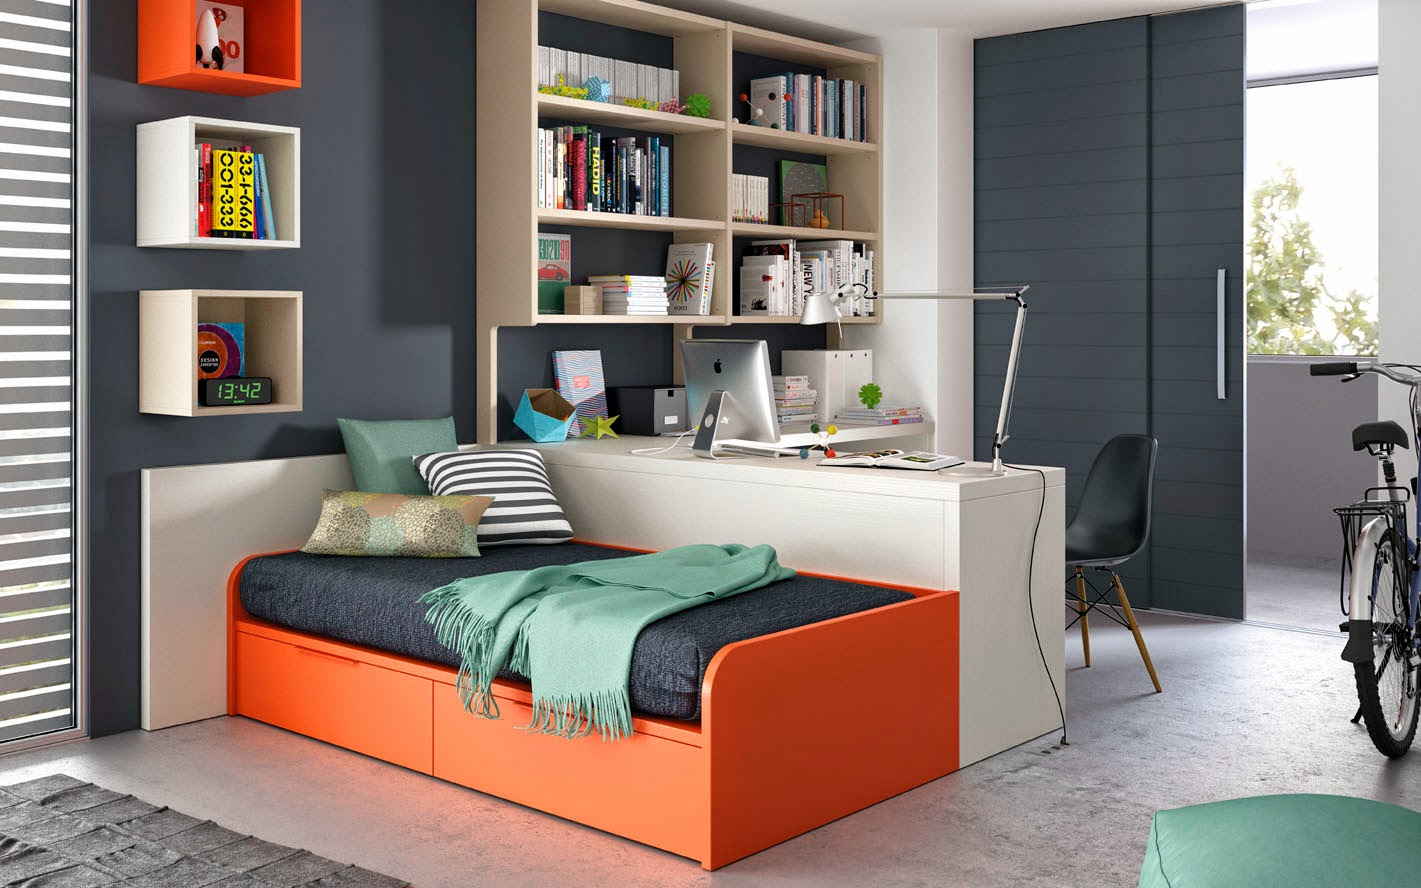 Novedades en dormitorios juveniles for Dormitorios infantiles y juveniles